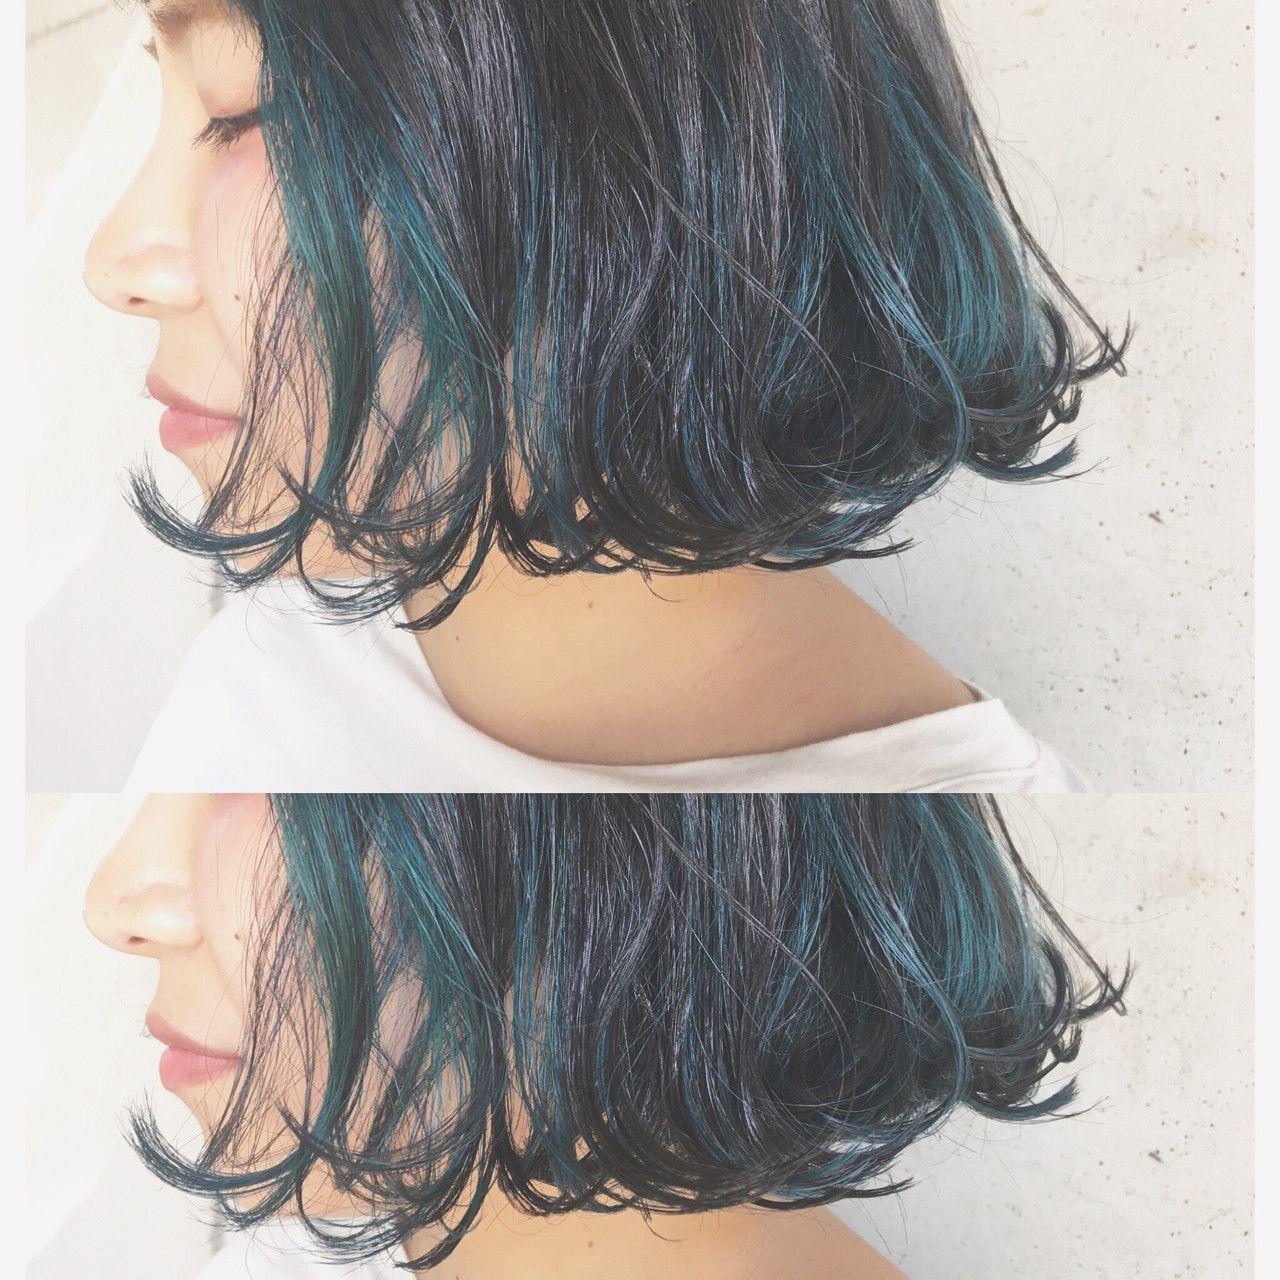 次のヘアカラーは、ブルーブラックへシフト!透明感を手に入れよう♡の20枚目の画像